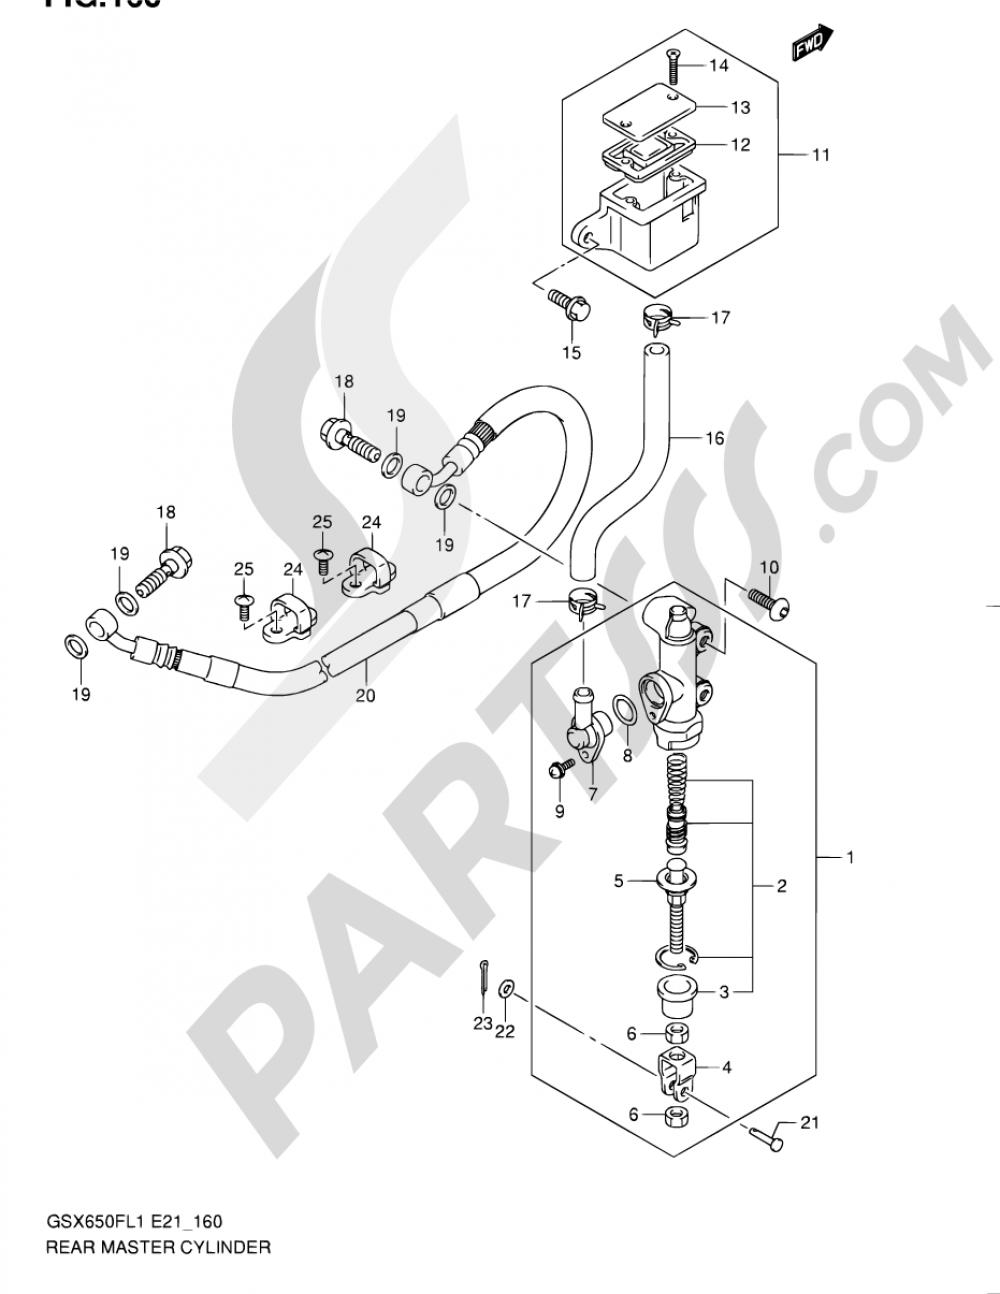 160 - REAR MASTER CYLINDER (GSX650FUL1 E21) Suzuki GSX650FA 2011